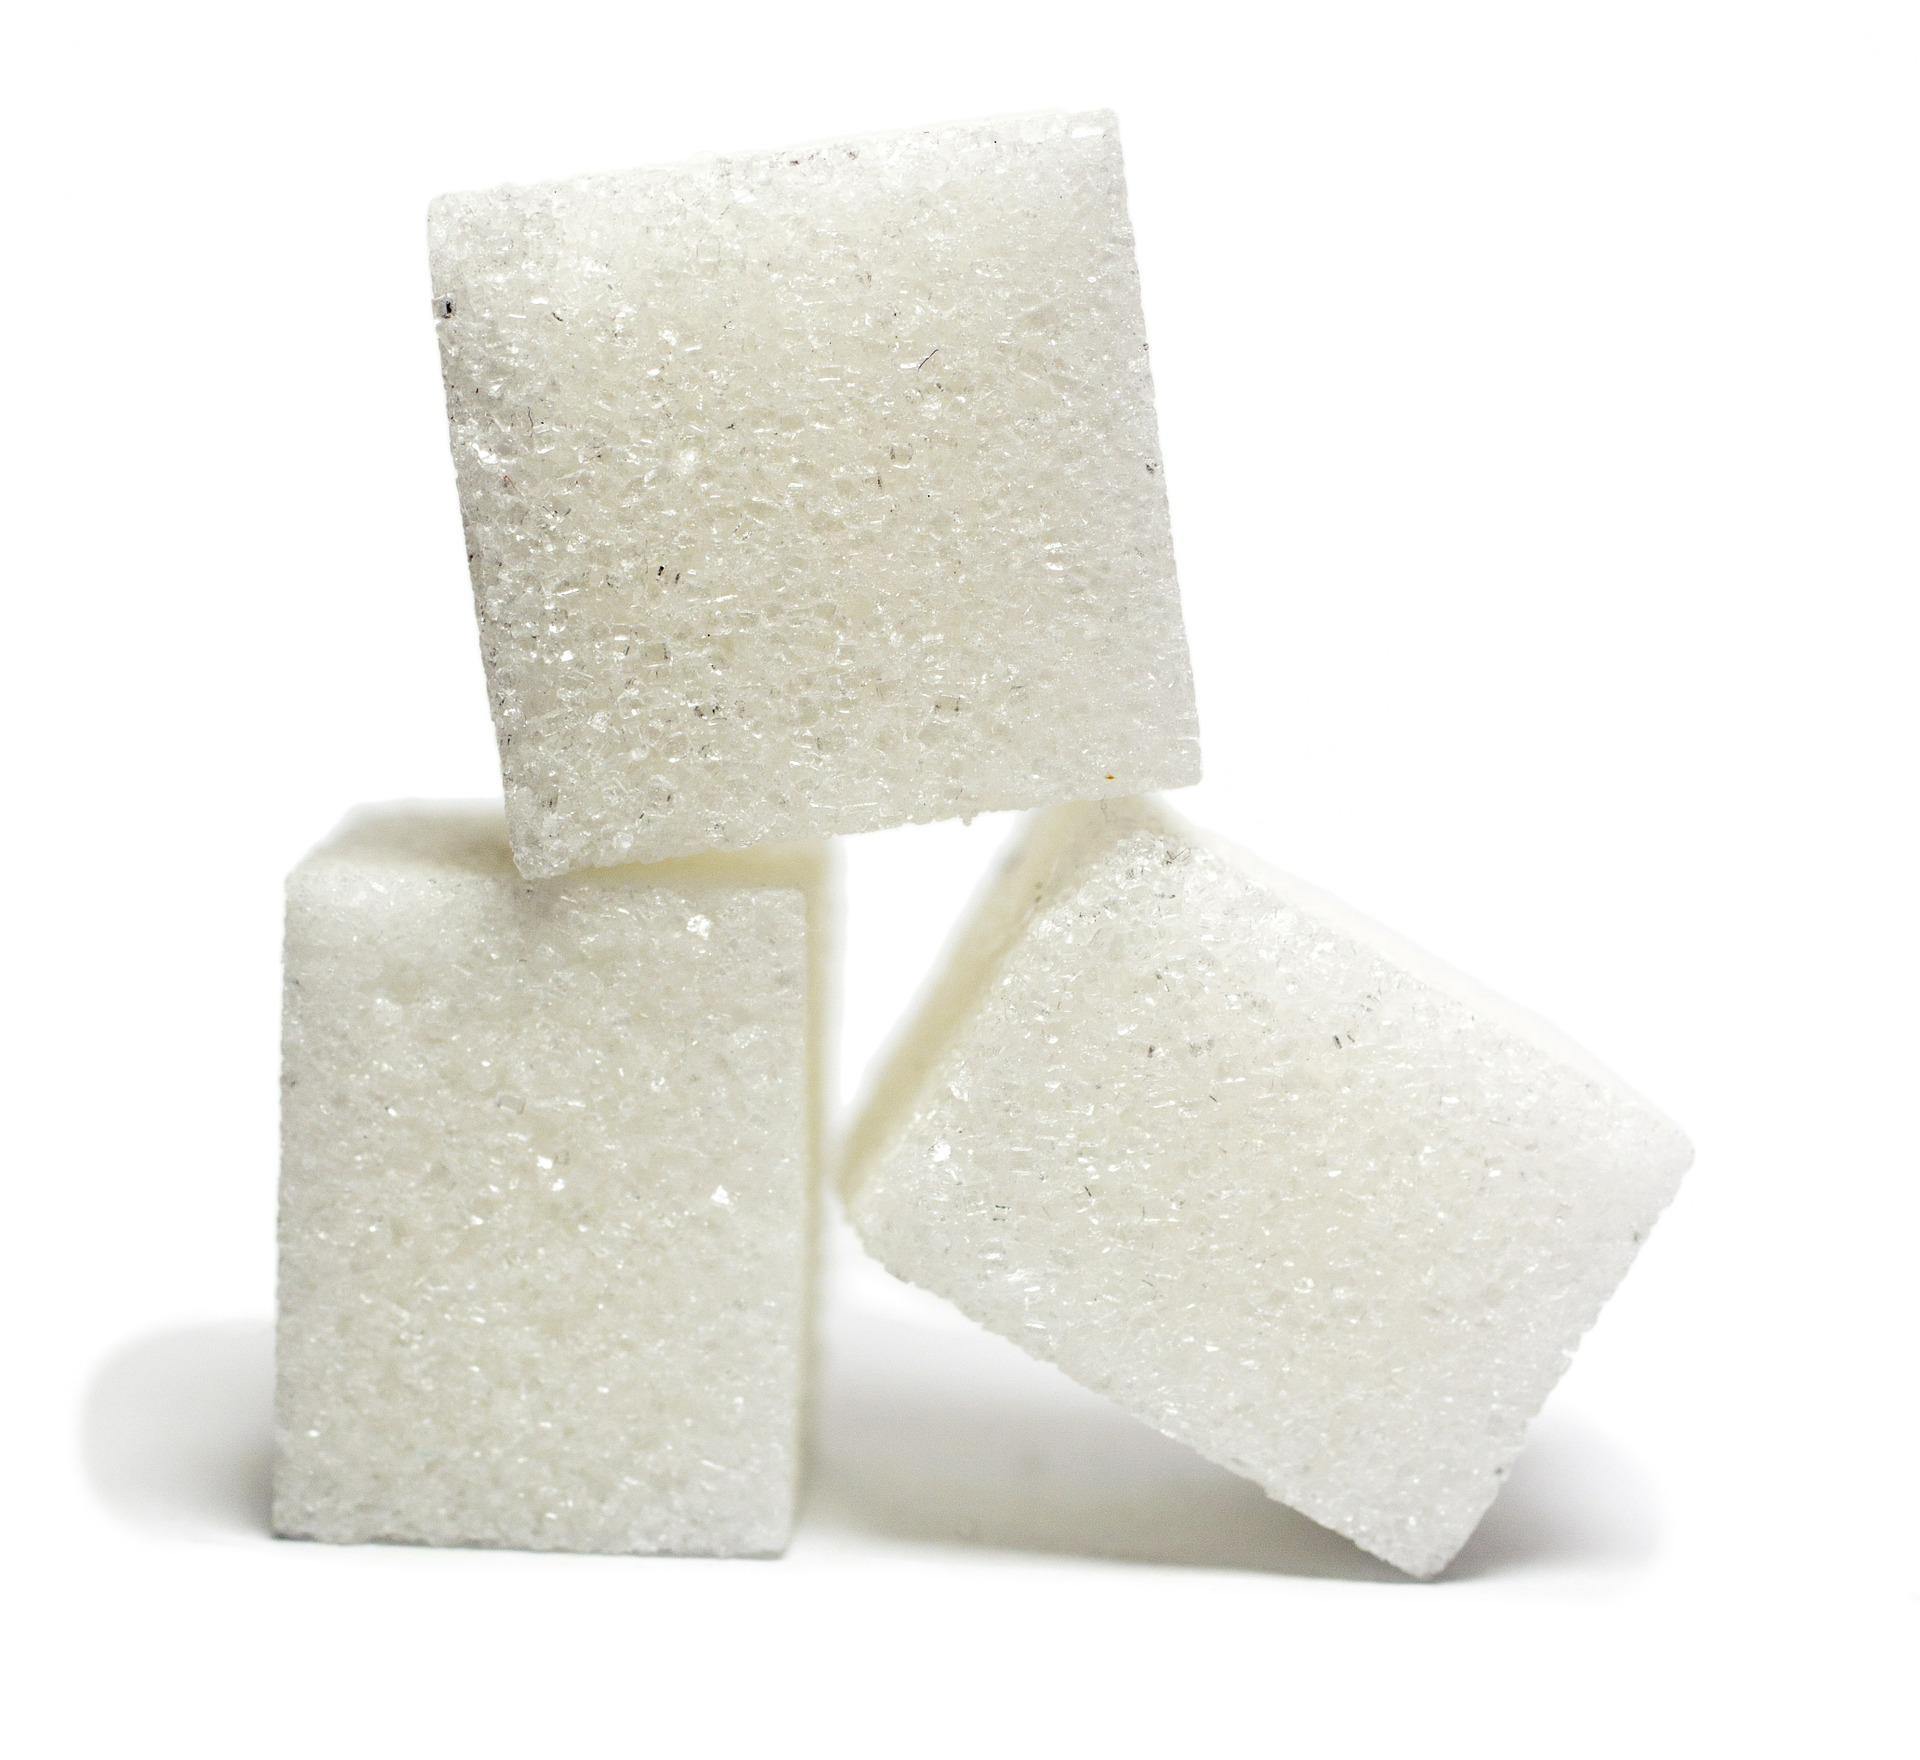 Cena cukru: duża produkcja zmniejszyła ceny